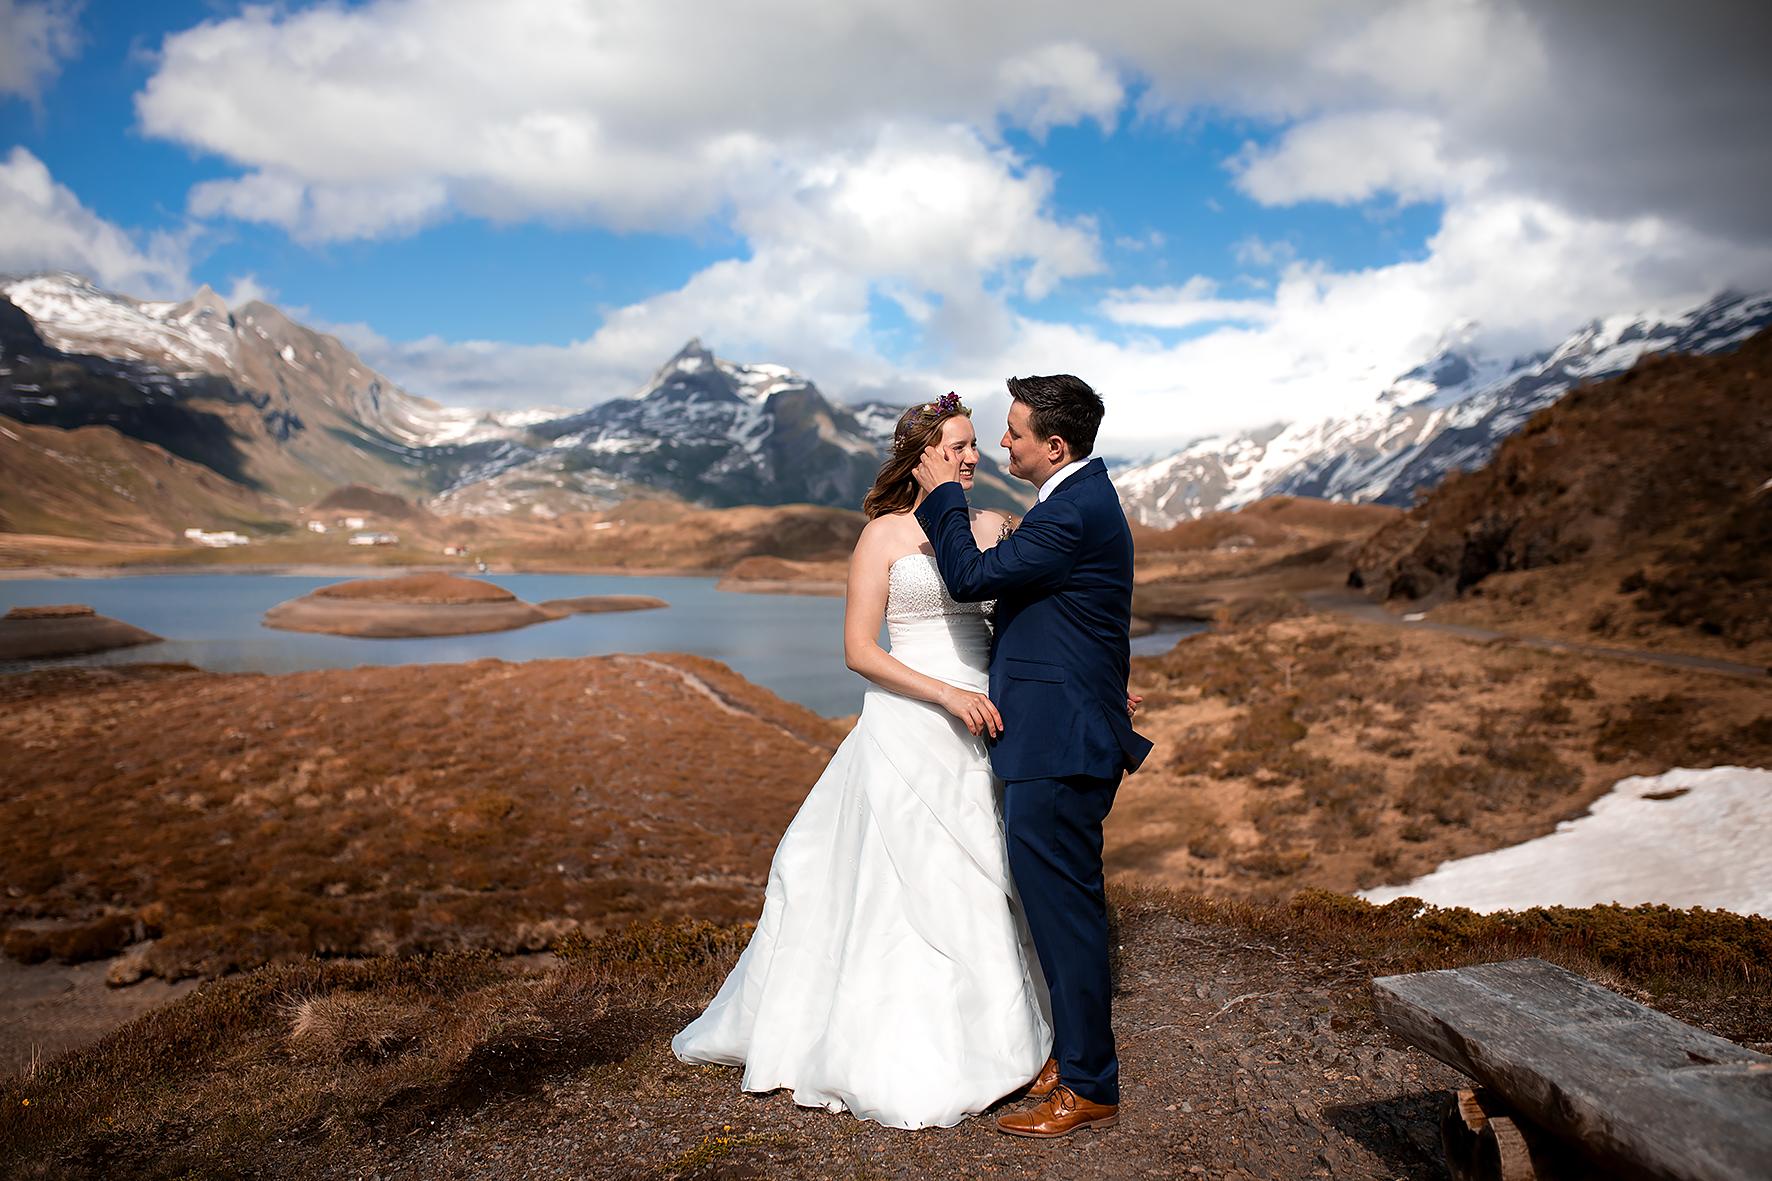 Zärtlich streicht der Bräutigam der Braut eine Haarsträhne aus dem Gesicht. Das Brautpaar sieht sich nach dem Getting Ready zum ersten Mal in ihrem Hochzeitoutfit. Die Braut trägt ein schulterfreies weisses Kleid. Der Bräutigam trägt einen dunkelblauen Anzug und hellbraune Lederschuhe. Das Brautpaar heiratet nur zu Zweit in den Schweizer Bergen. Die Location ist die Hochebene Melchsee Frutt im Kanton Obwalden. Die Beiden stehen vor einem Bergsee, umgeben von weissen Berggipfeln und einer rot braunen Moorlandschaft. Im Hintergrund sind die Häuser und Hütten der Tannenalp zu sehen.